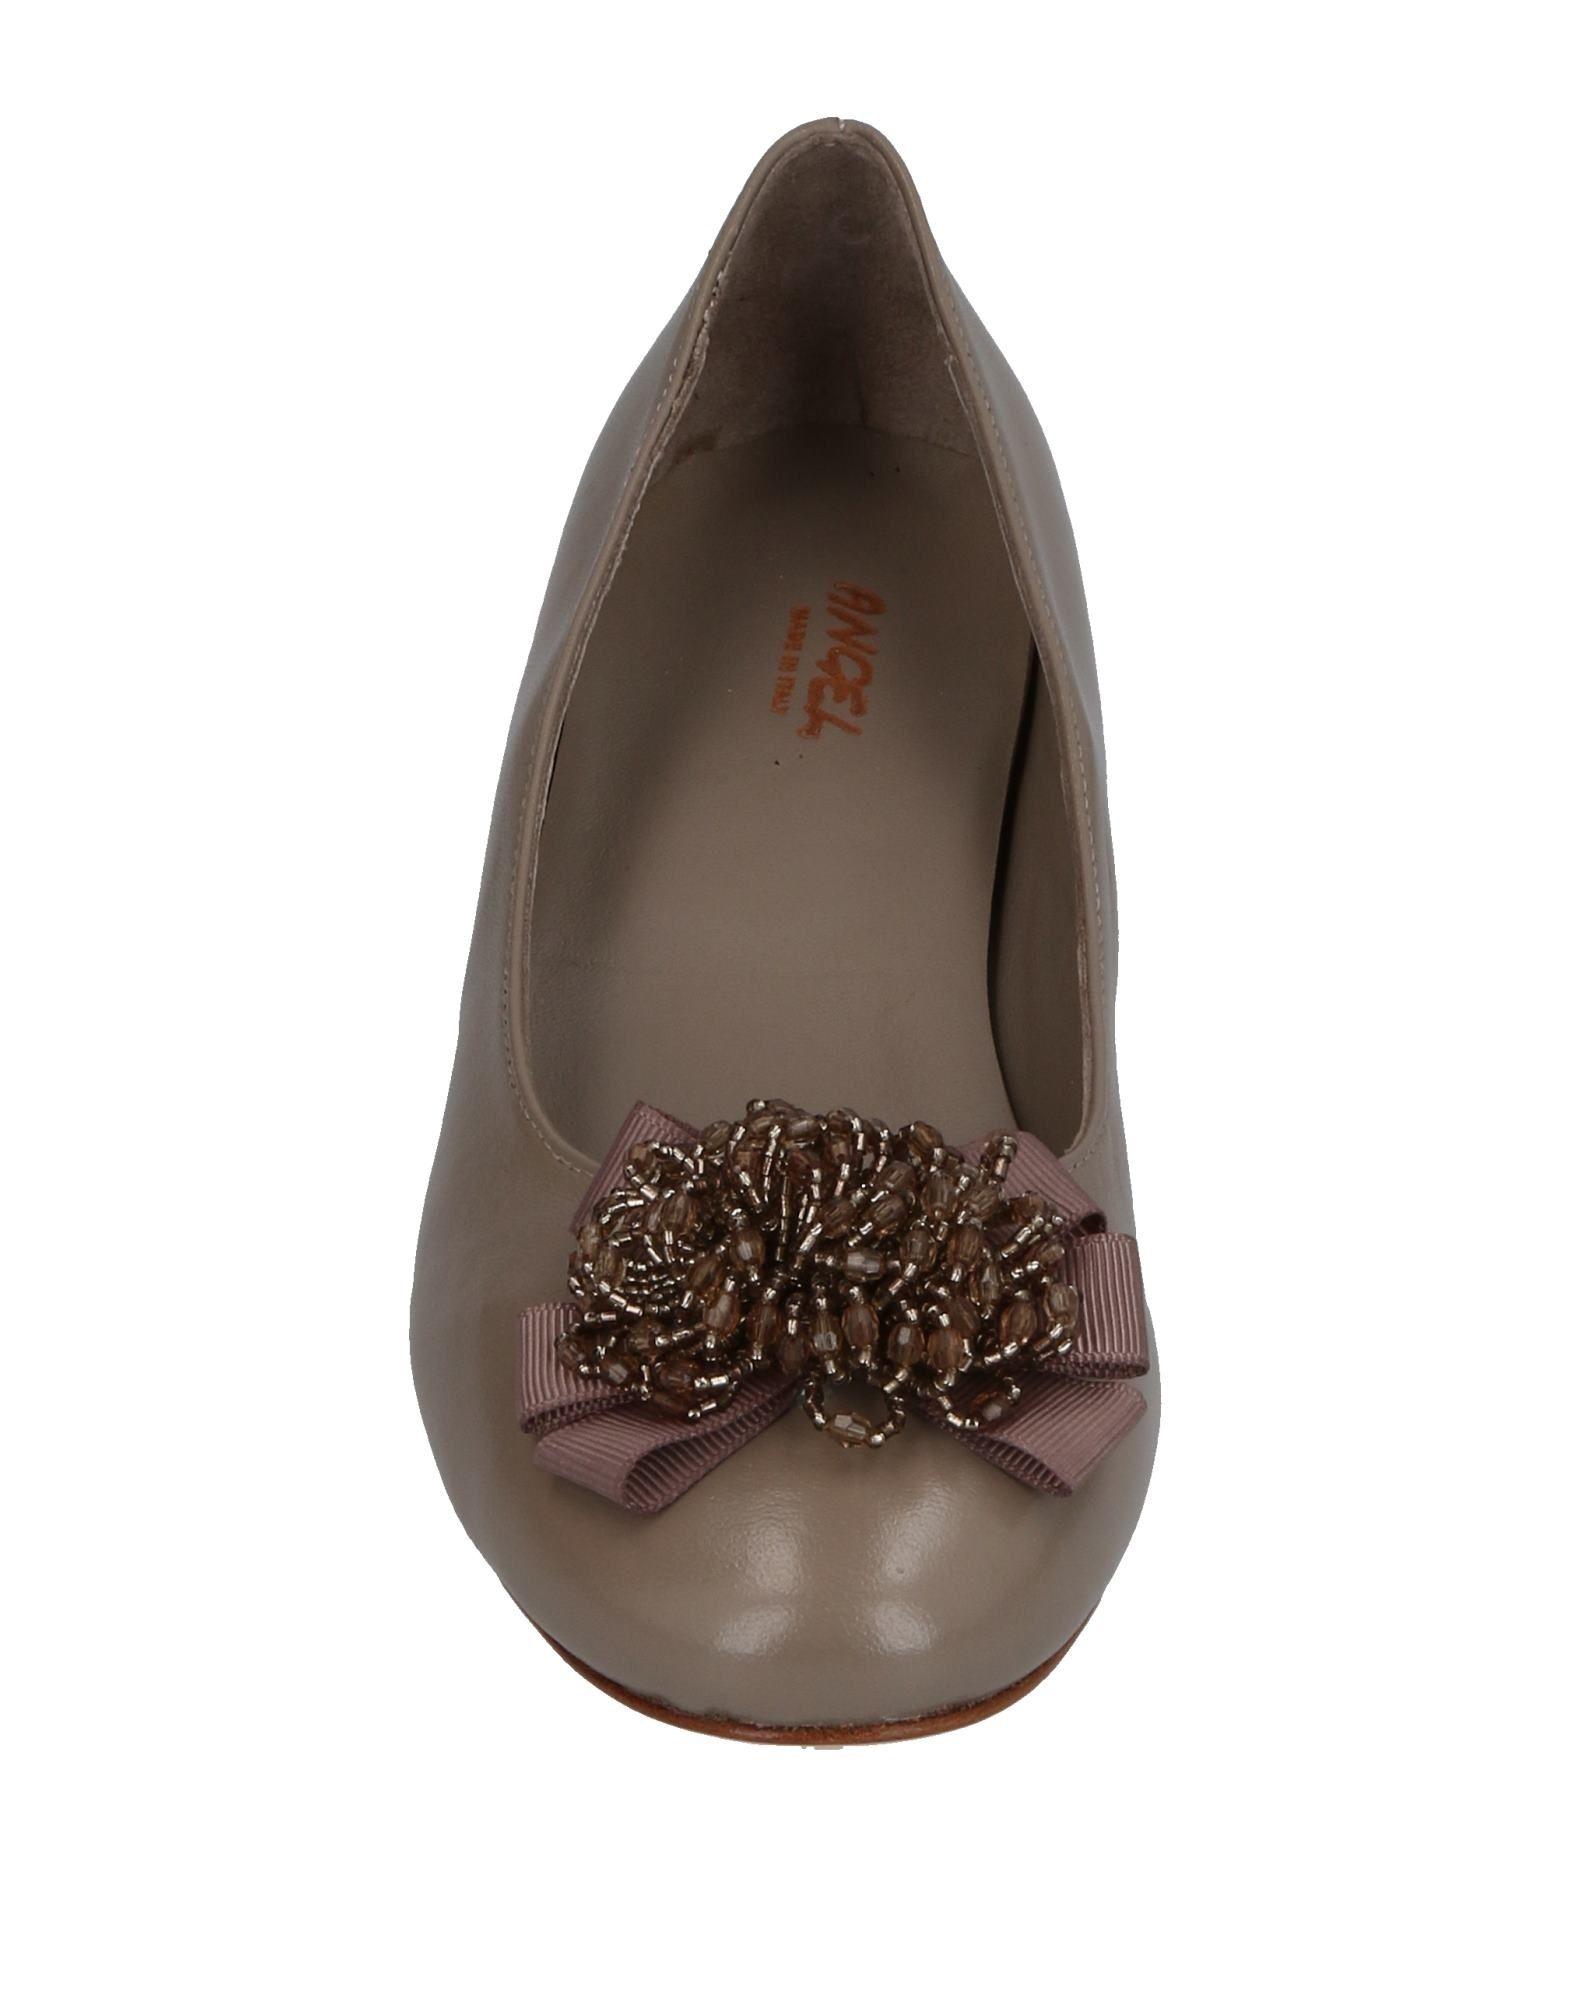 Angel Ballerinas Damen  11448820RF Gute Qualität beliebte Schuhe Schuhe Schuhe 943d89